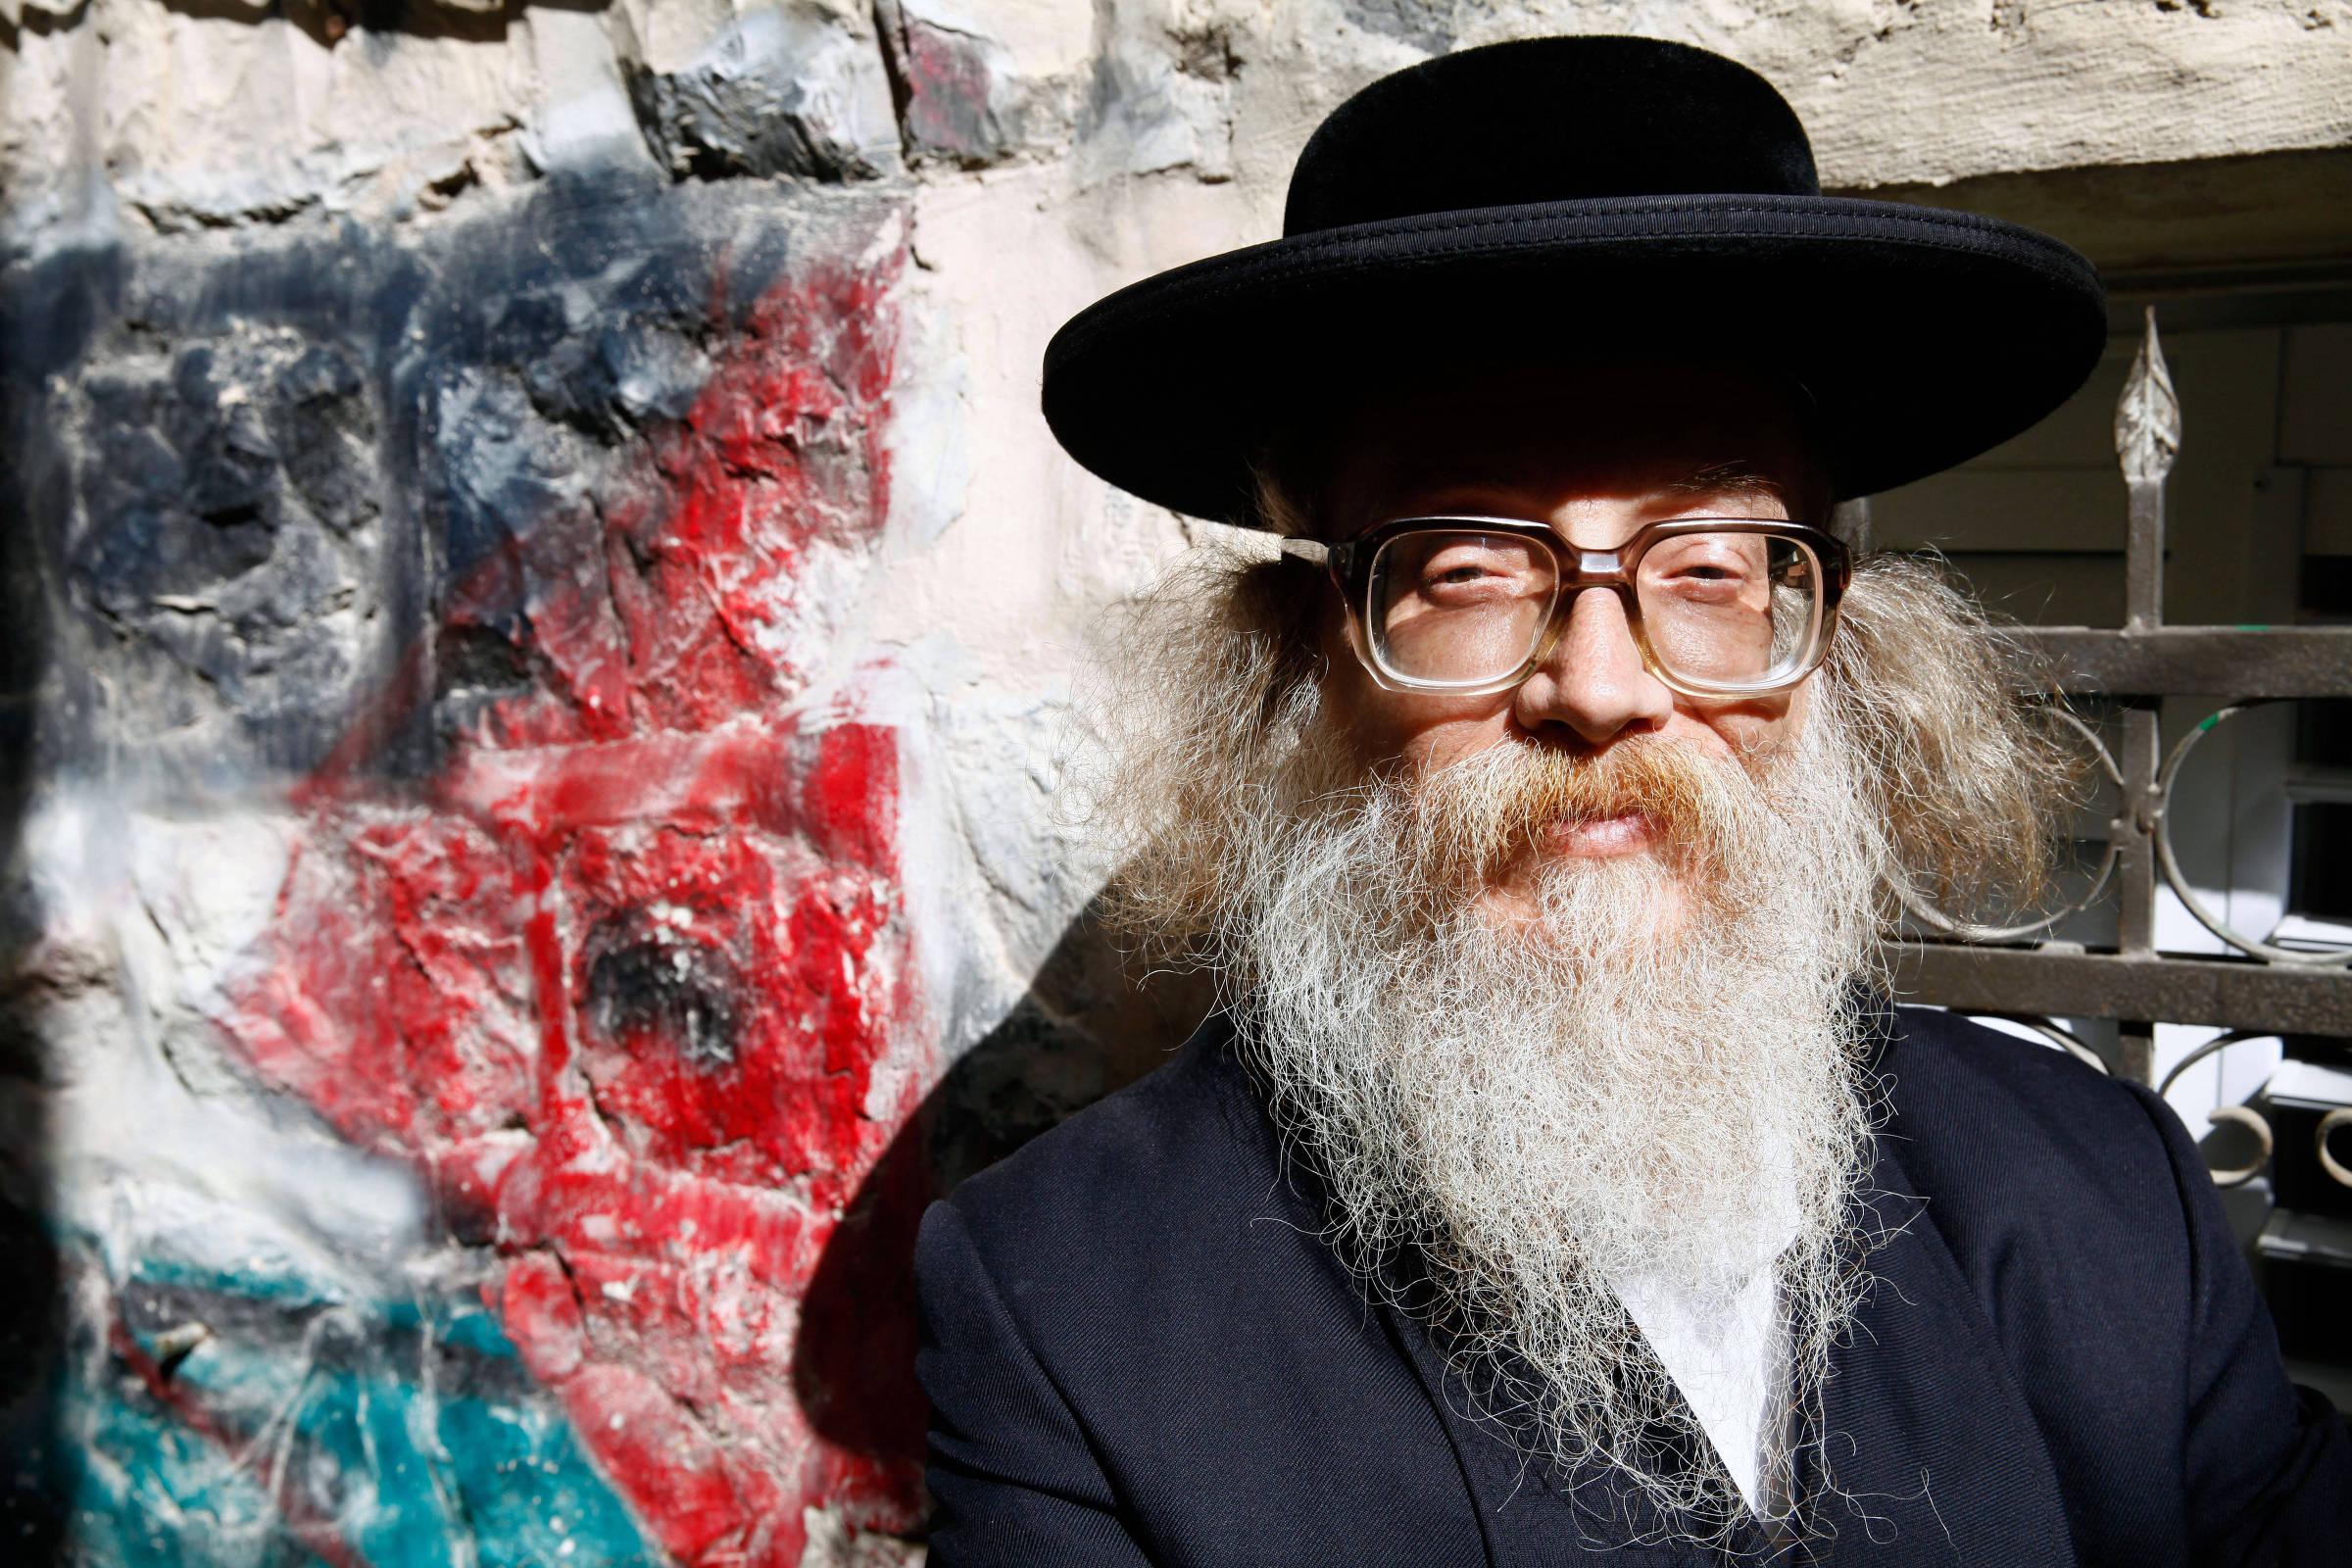 Rabino israelense ultraortodoxo não reconhece Estado de Israel